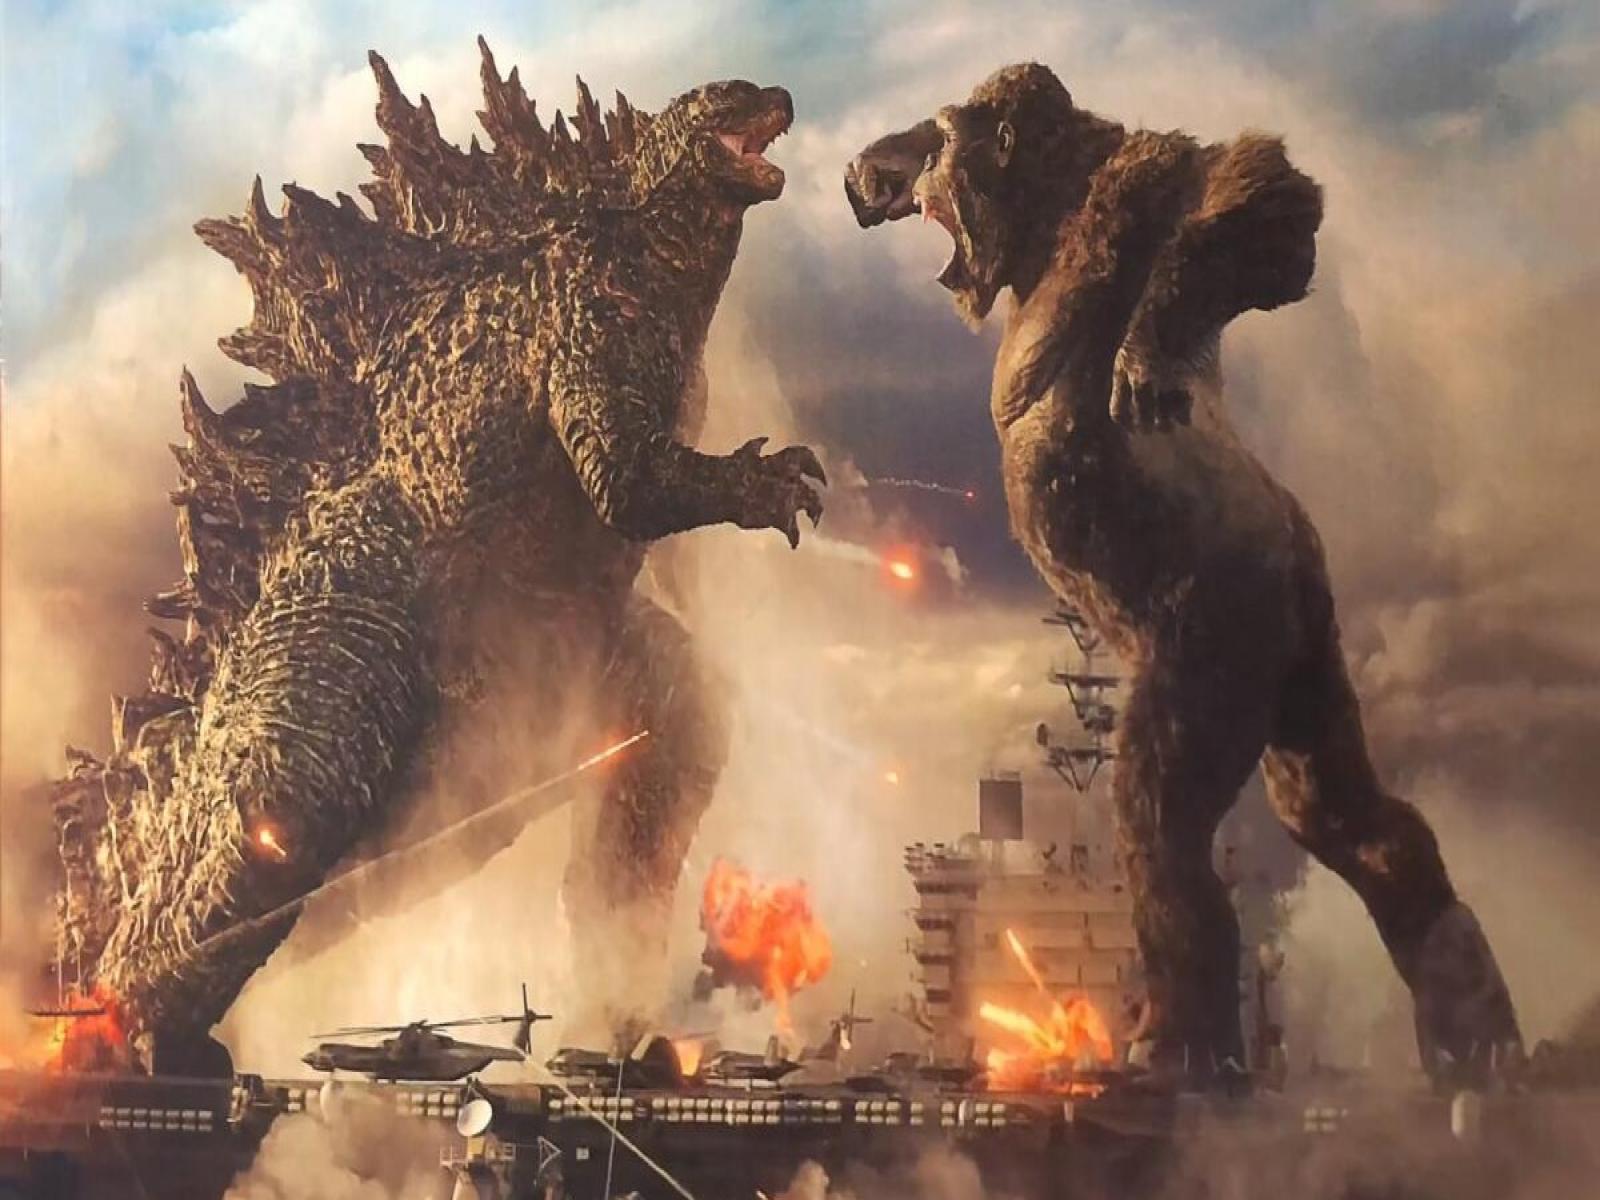 Godzilla versus Kong no Cine São José, compre seu ingresso aqui